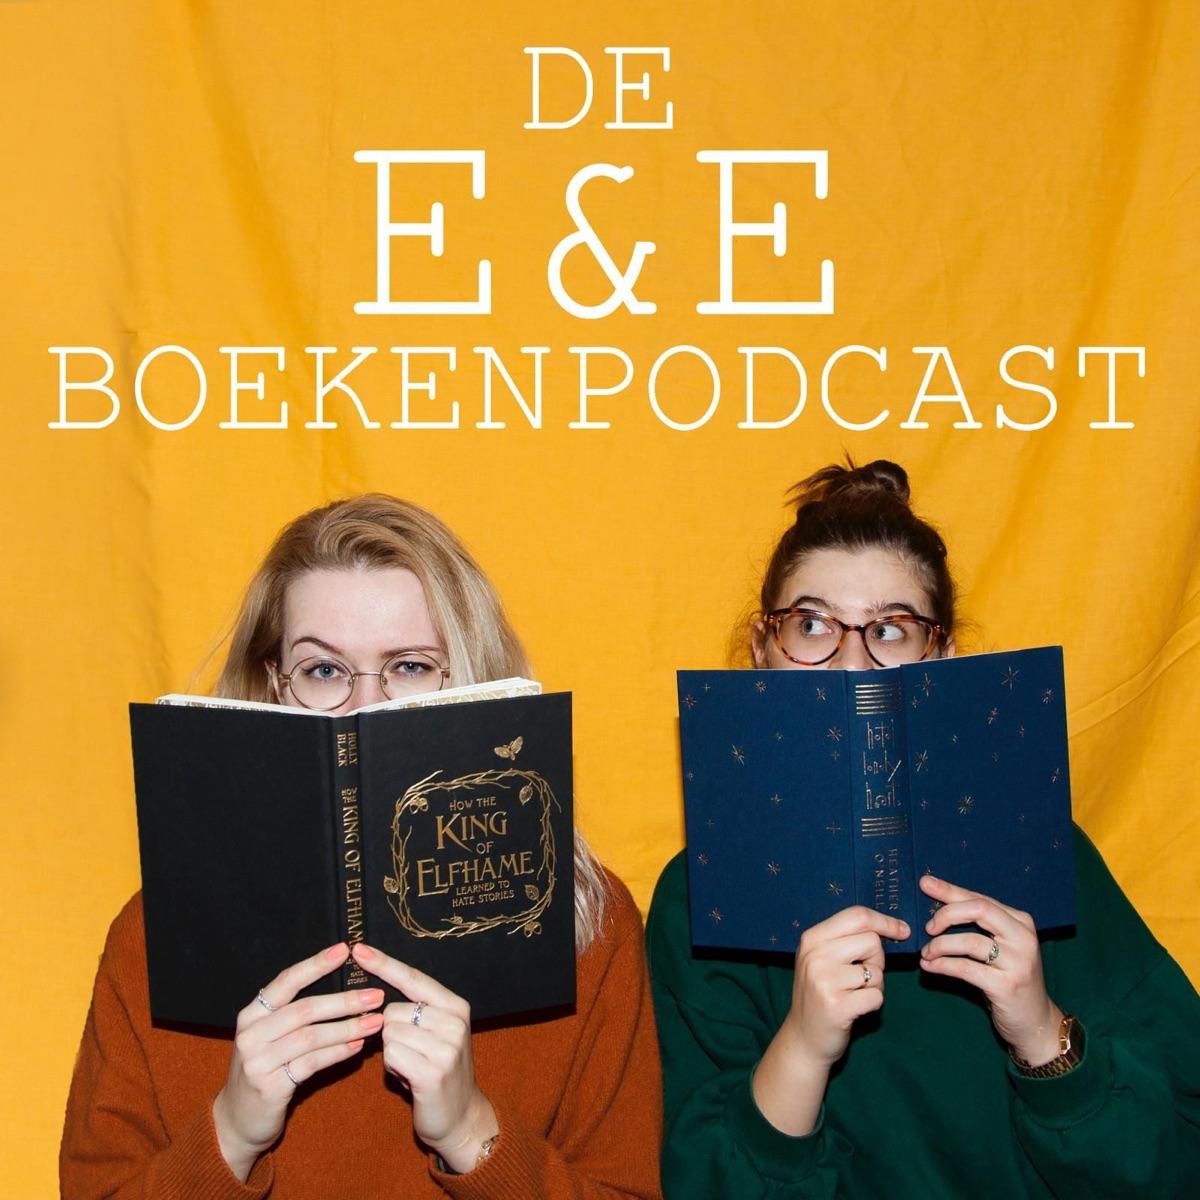 De E&E BoekenPodcast